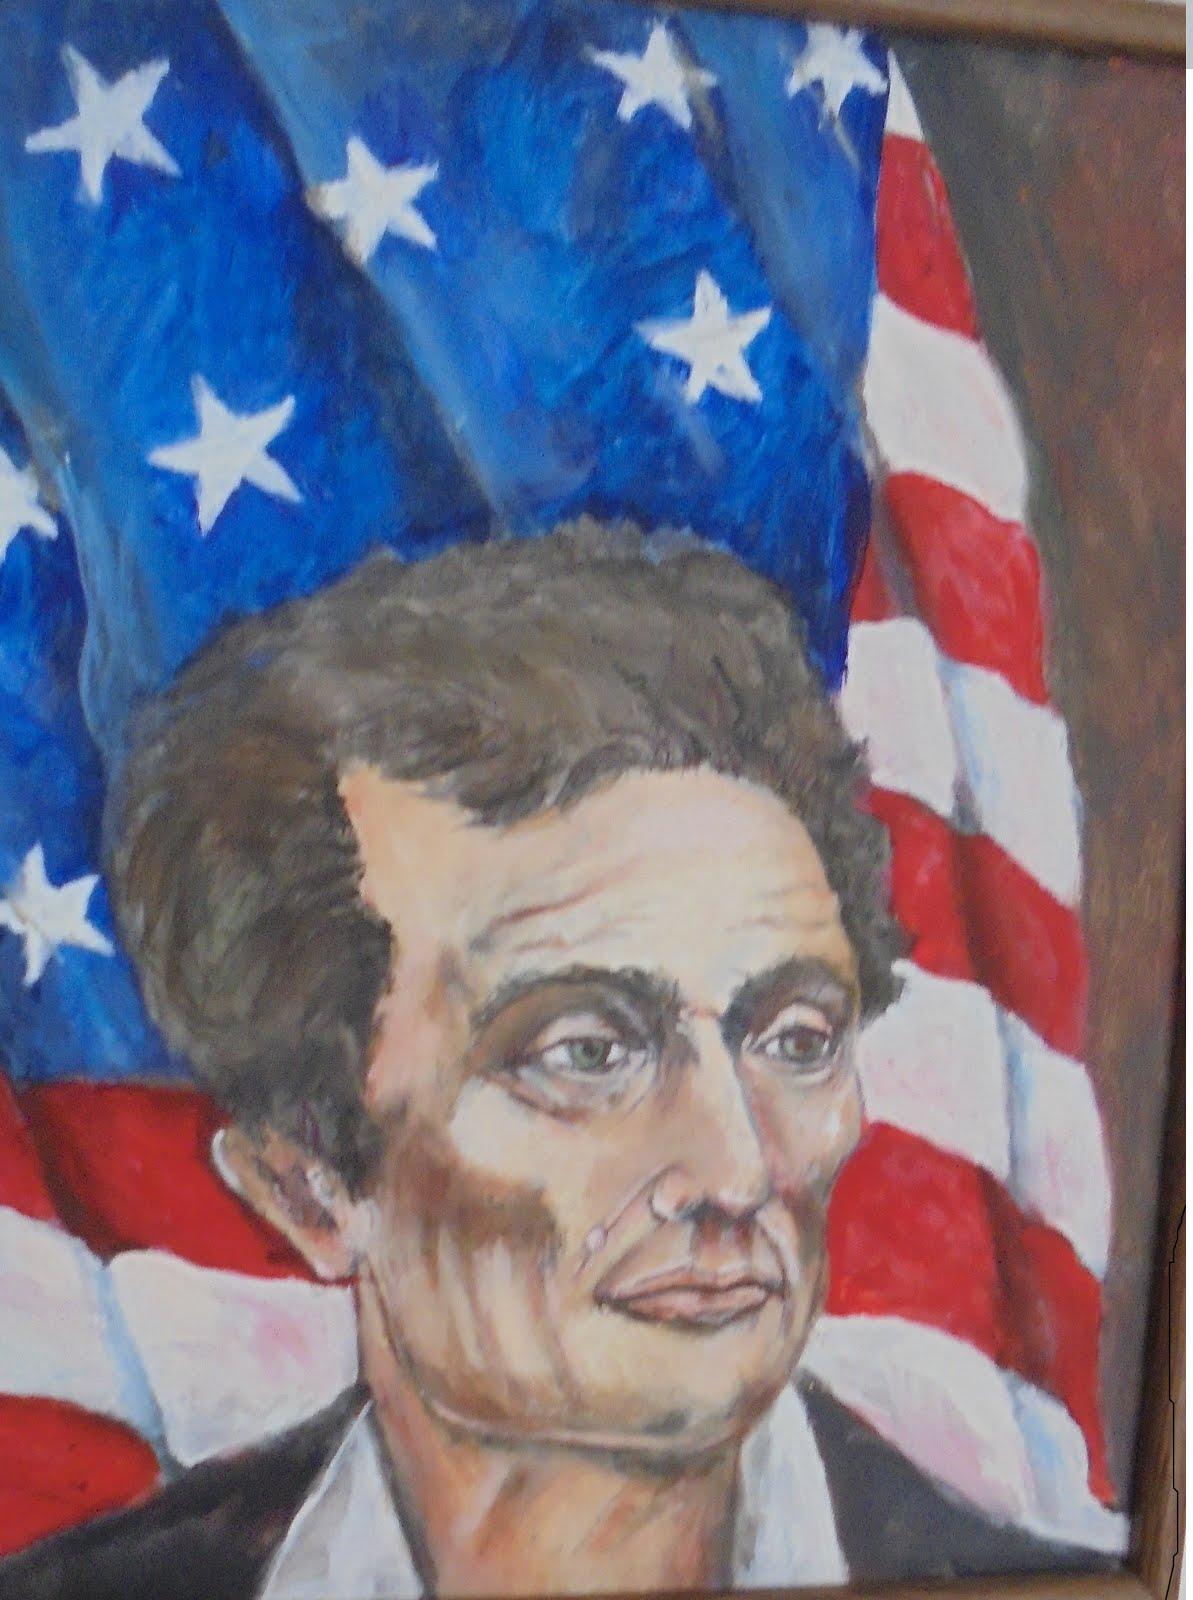 Abe # 91